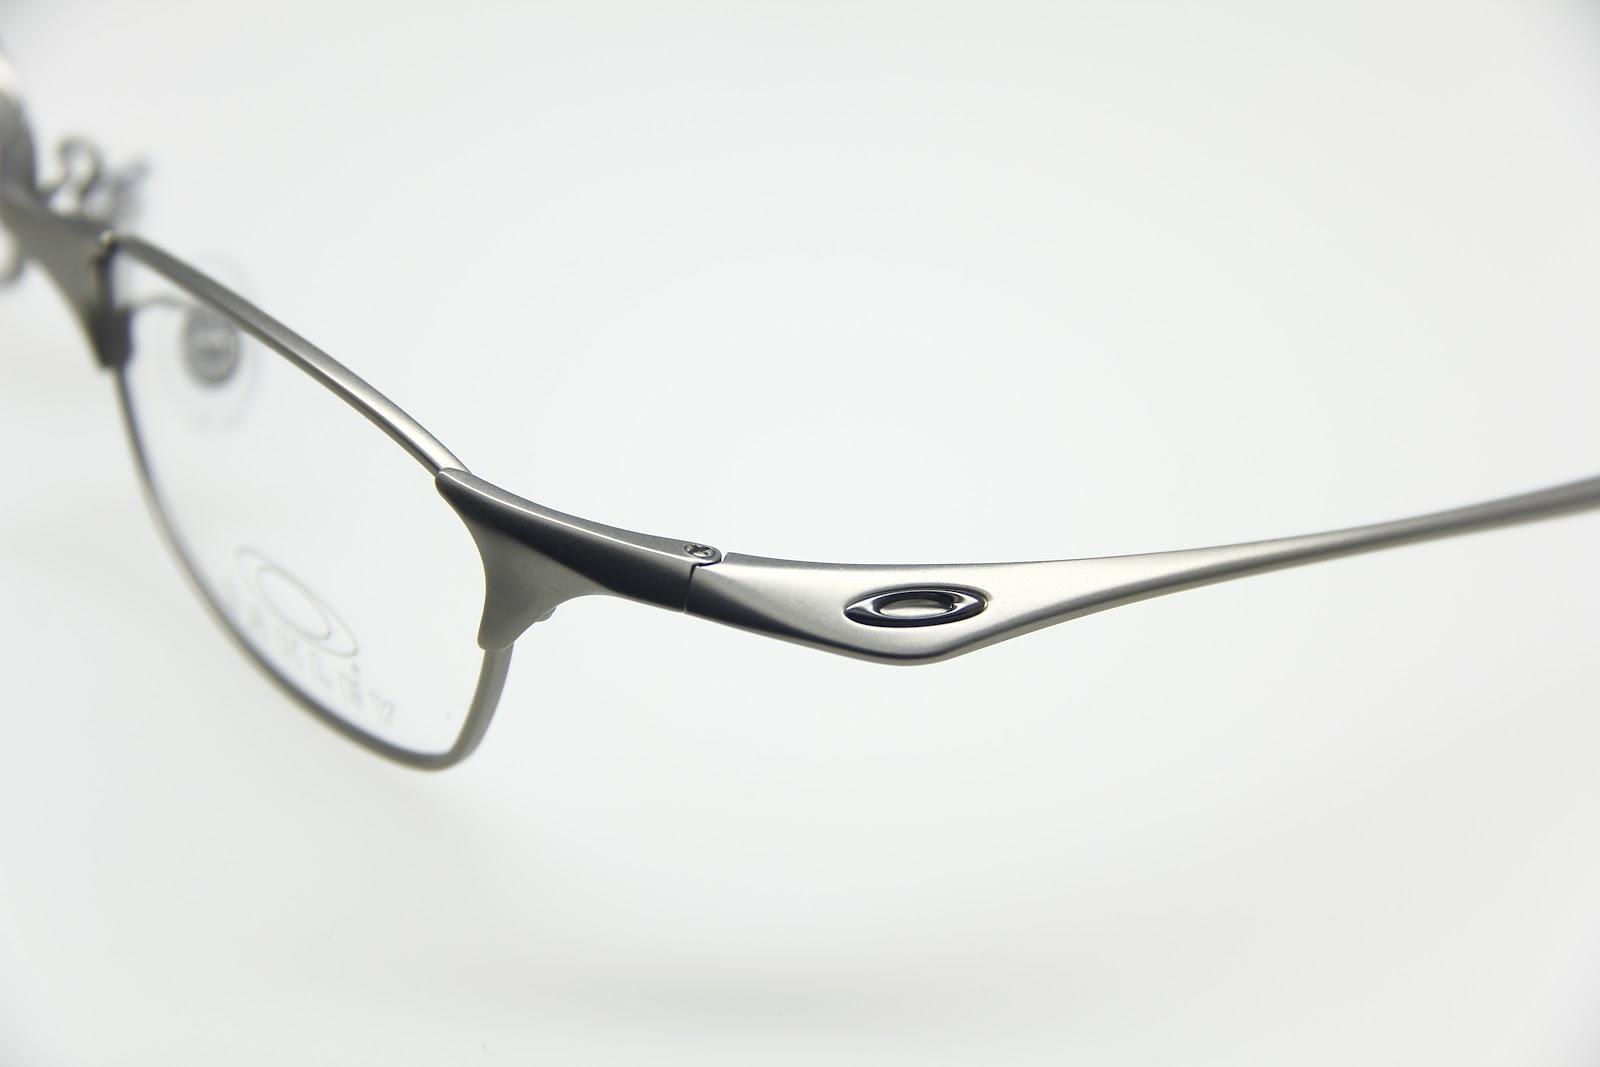 oakley prescription sunglasses wiretap  oakley wiretap prescription